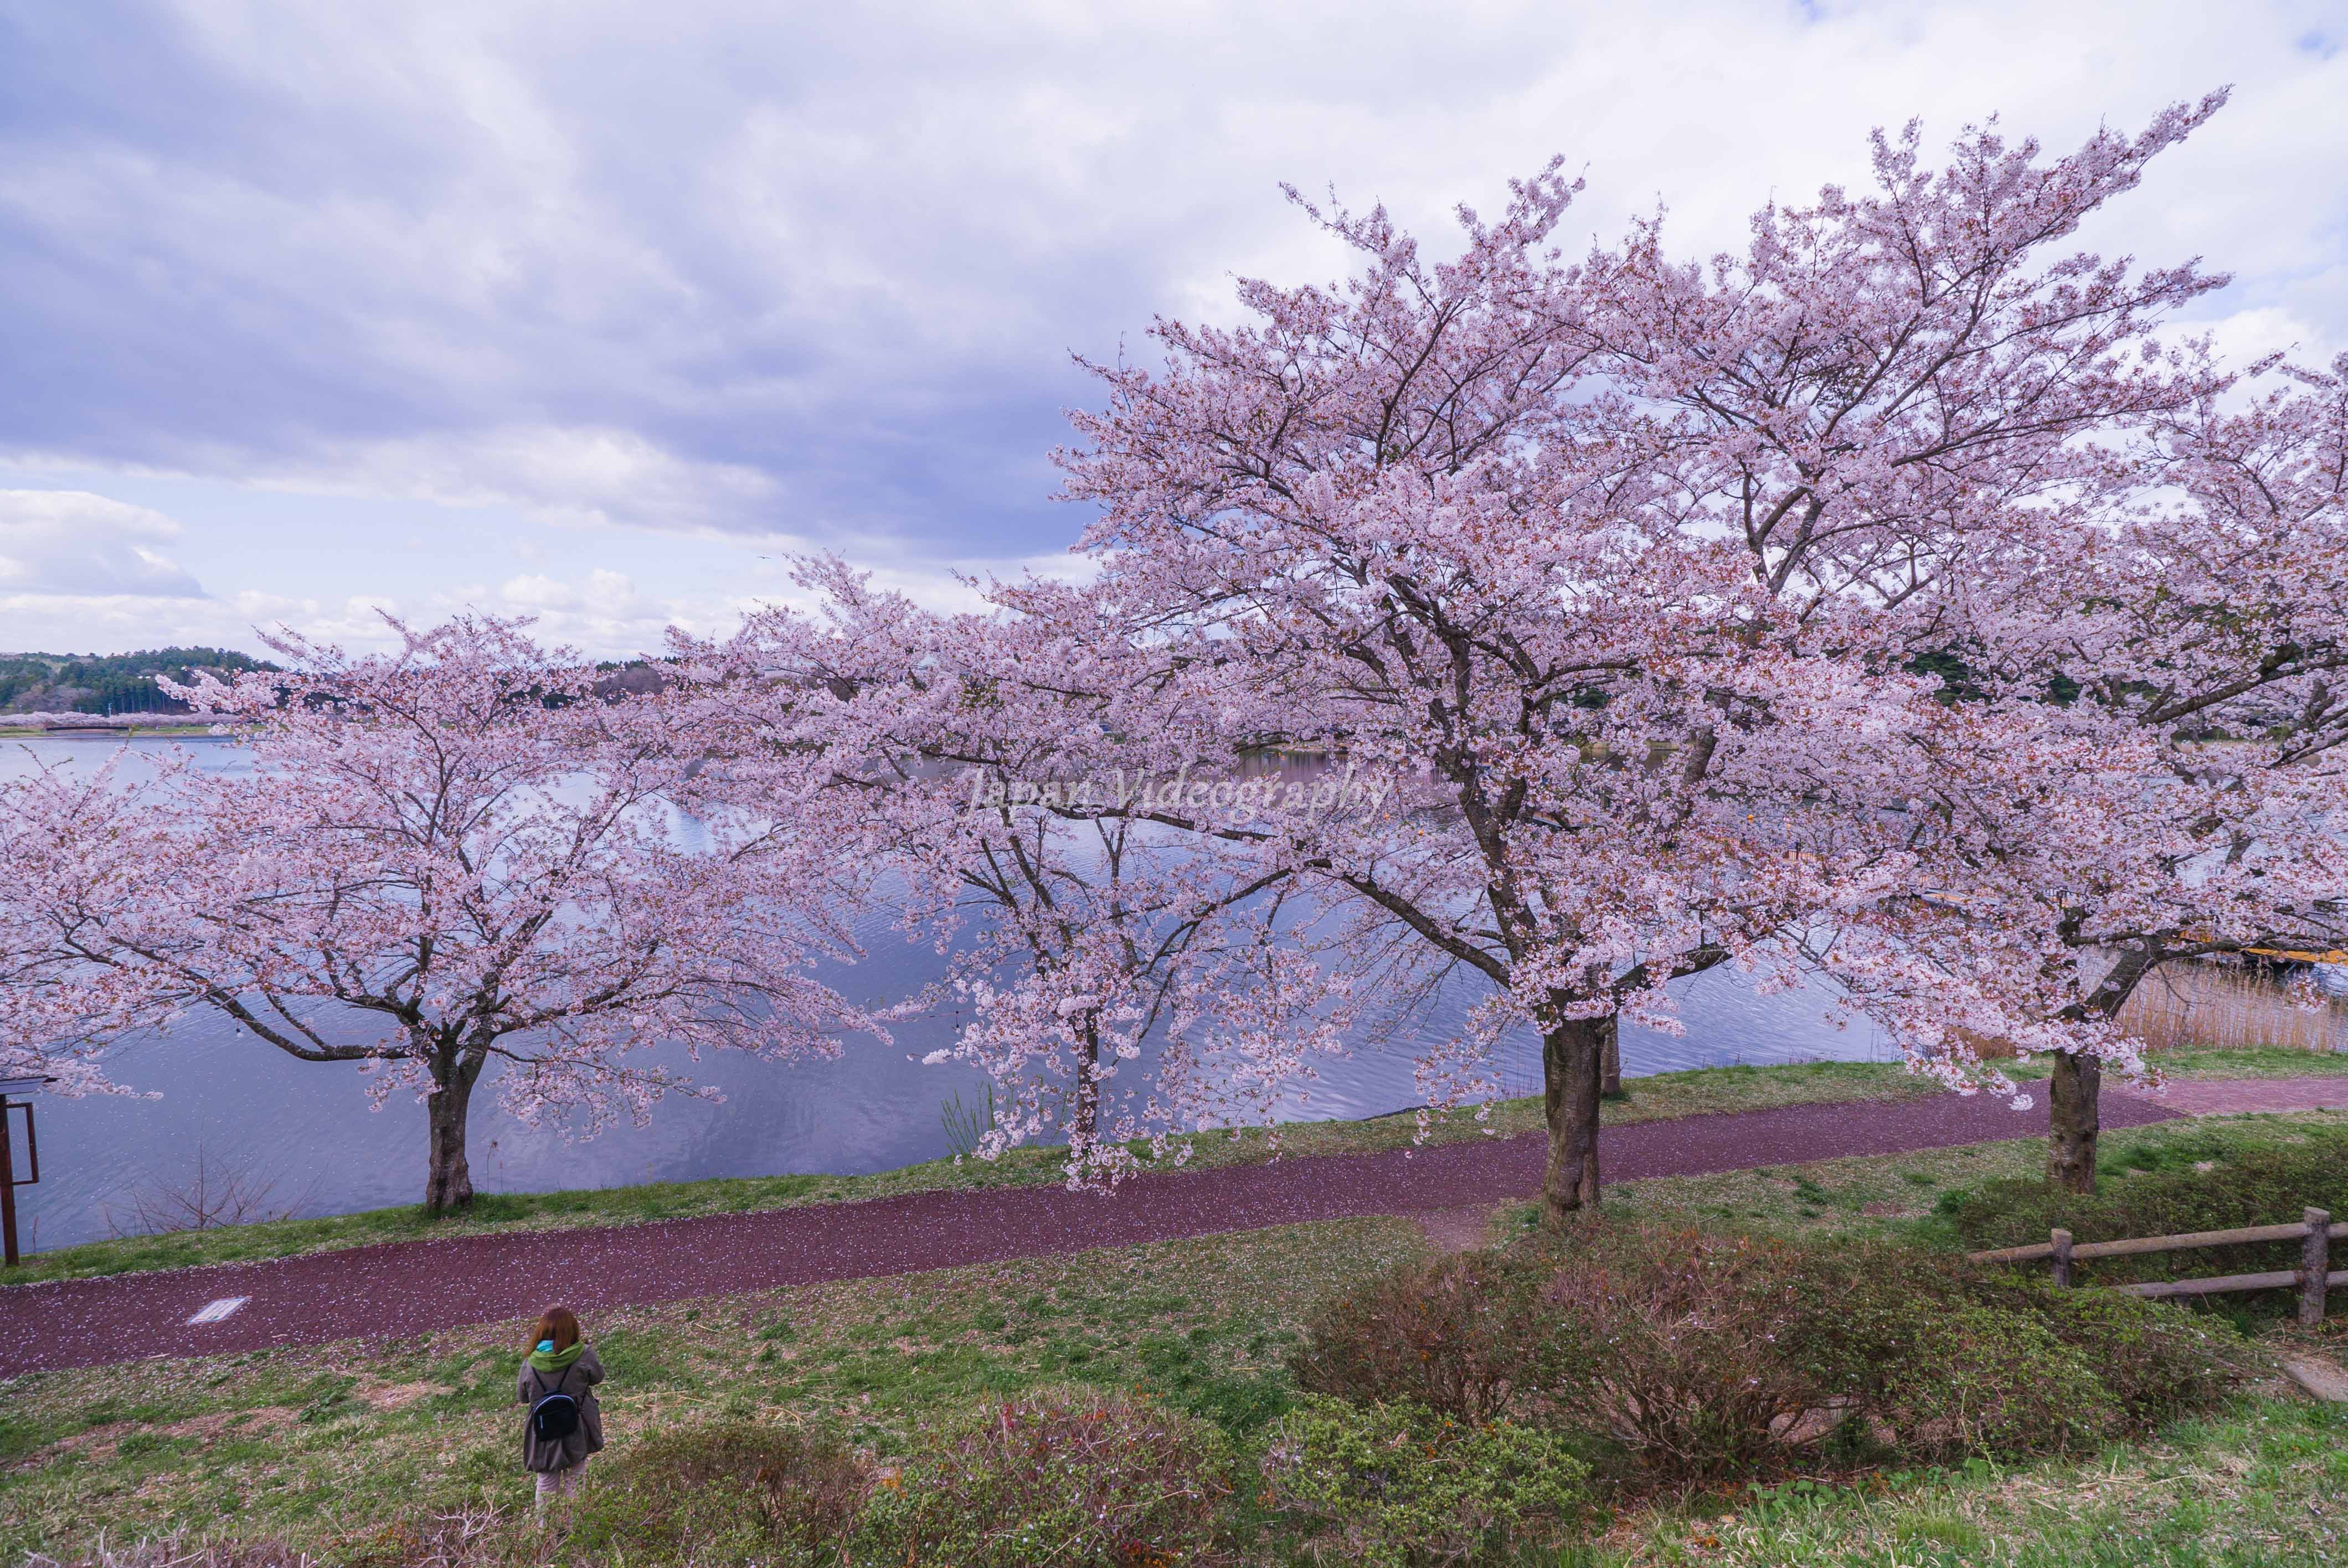 宮城県登米市 平筒沼ふれあい公園の遊歩道に咲く桜